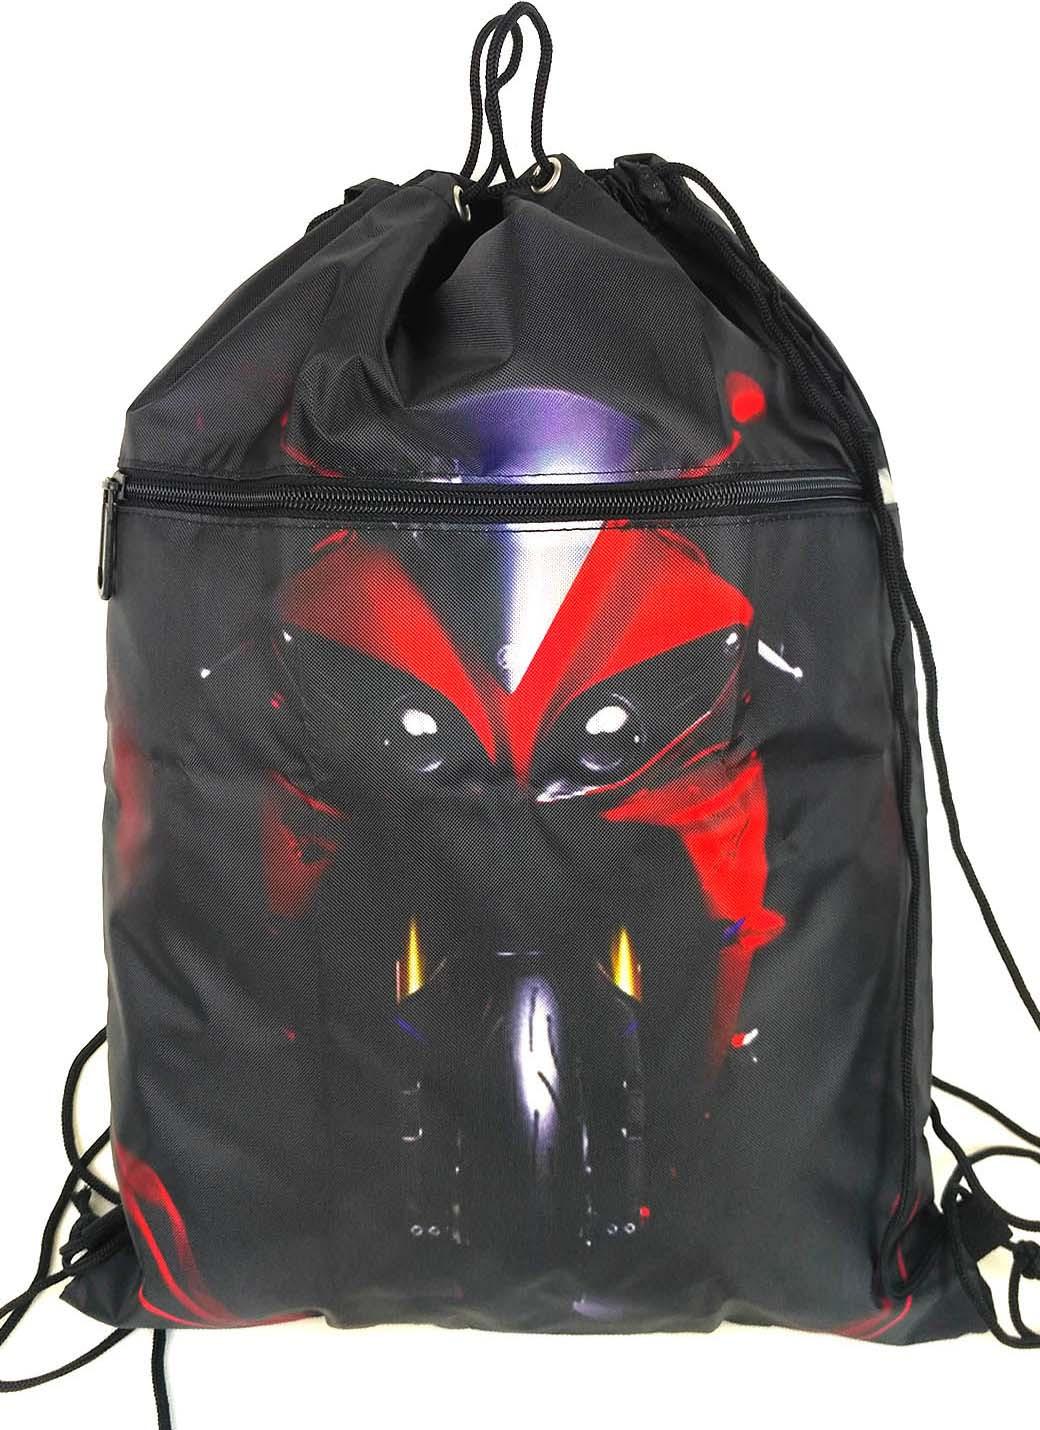 Мешок для обуви UFO People, цвет: черный. 7401 мешок для обуви ufo people цвет черный 7414